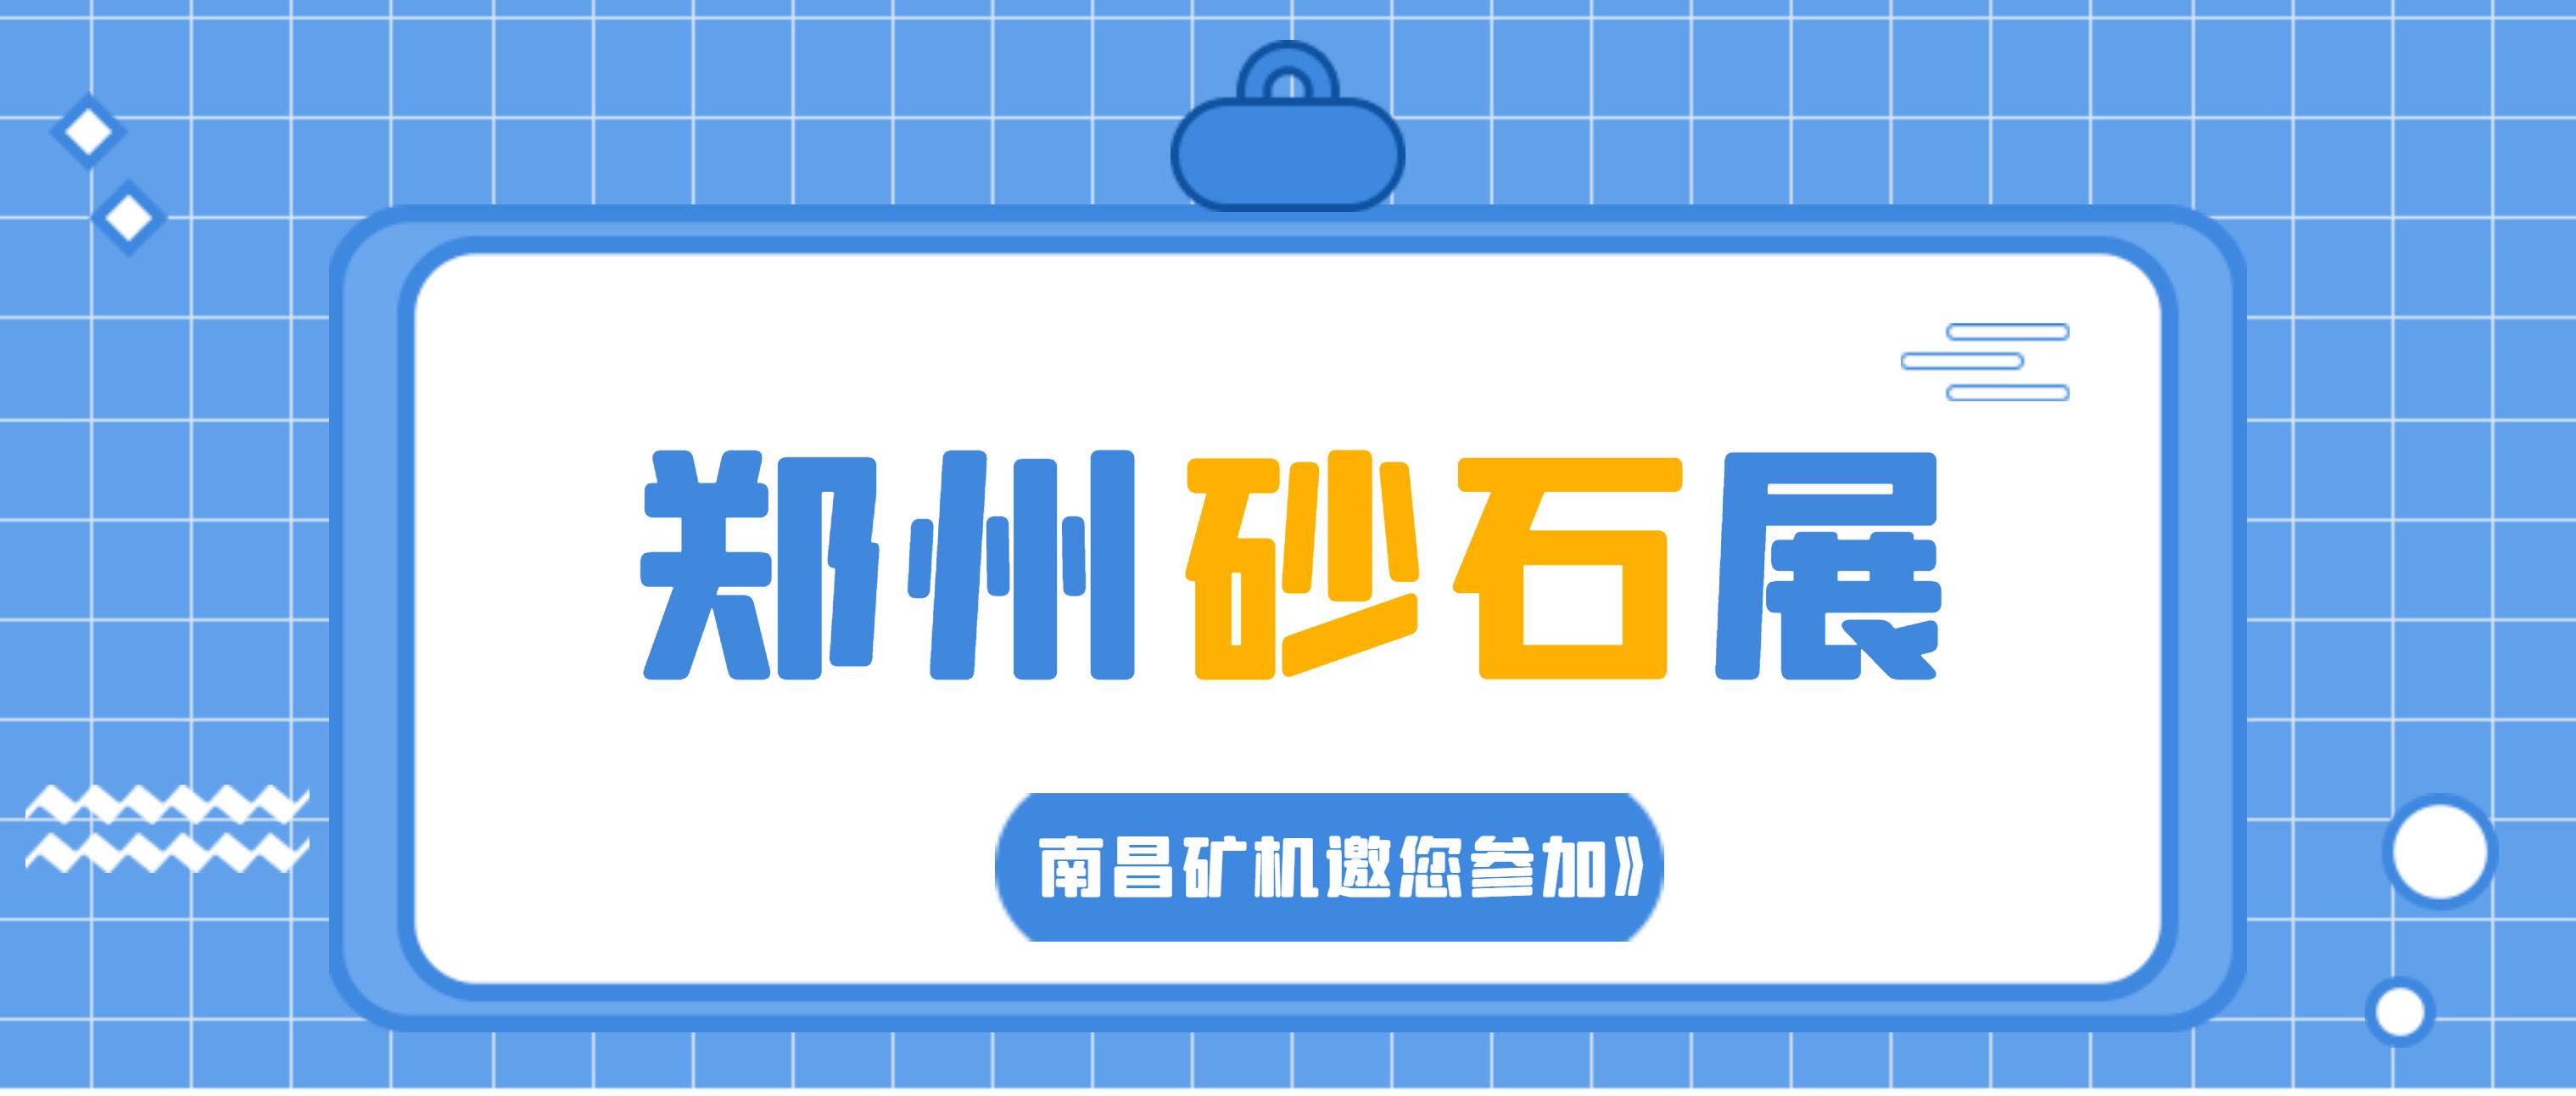 南昌矿机与您相约2021中国(郑州)国际砂石及尾矿与建筑固废处理技术展览会